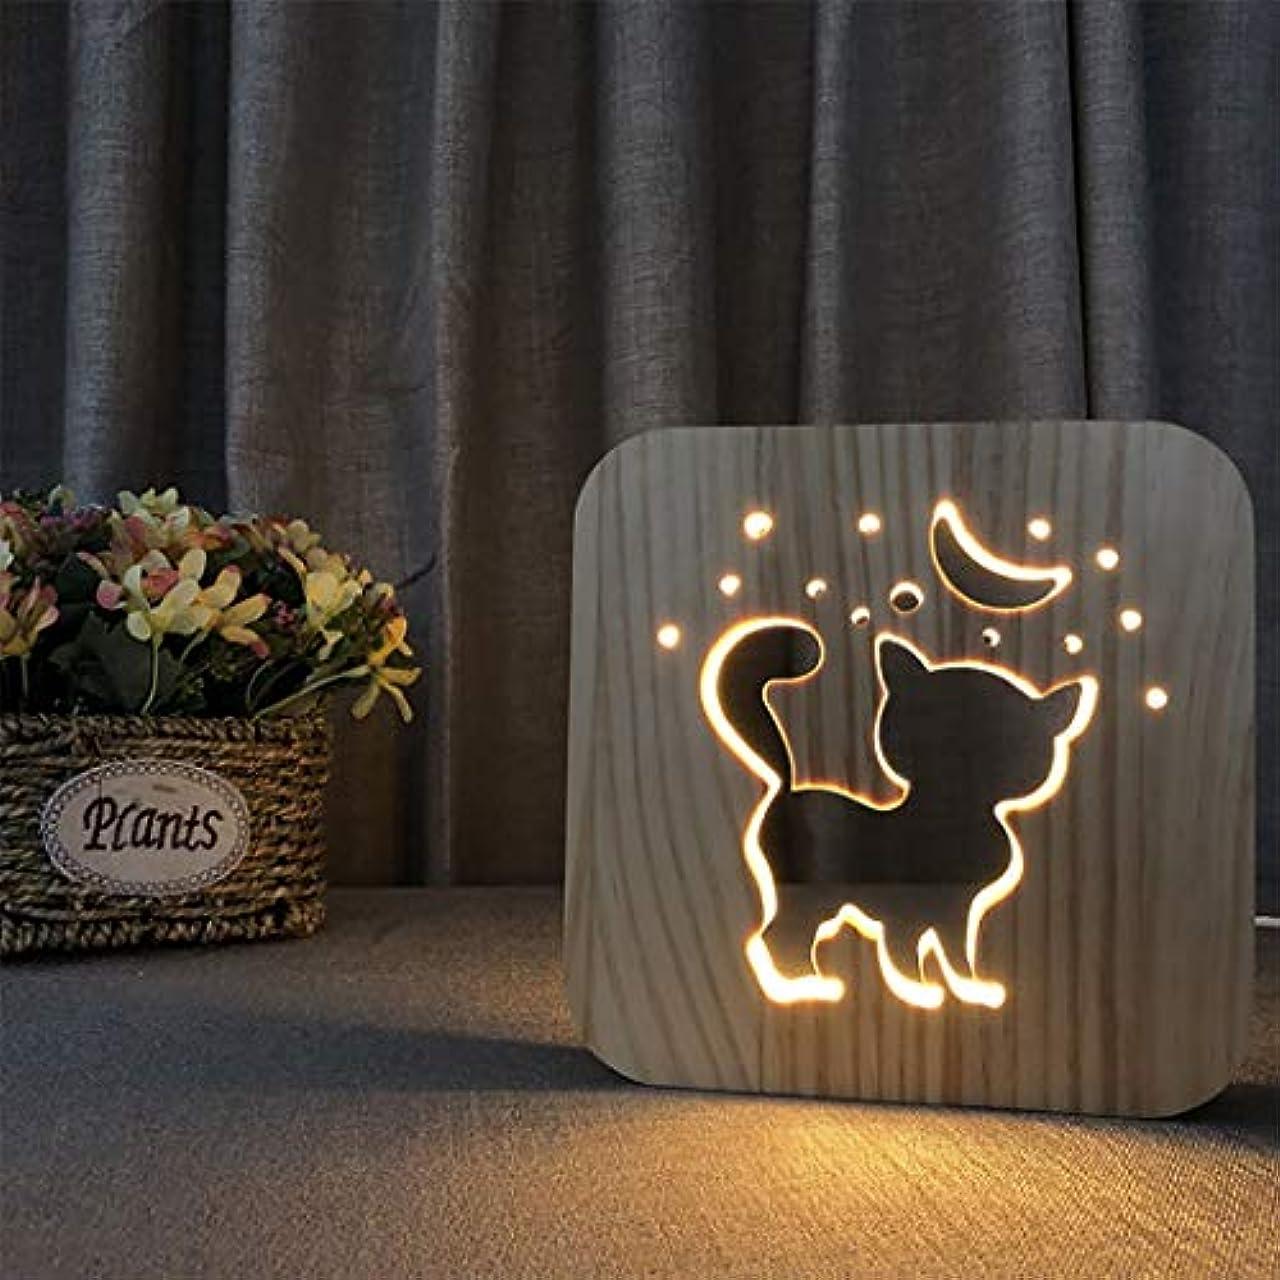 ジャンクション病んでいる再編成するLedテーブルランプ、3d木製ランプusb充電猫漫画ナイトライトホームベッドルームの装飾ランプの横に、子供のためのギフト大人の女の子男の子